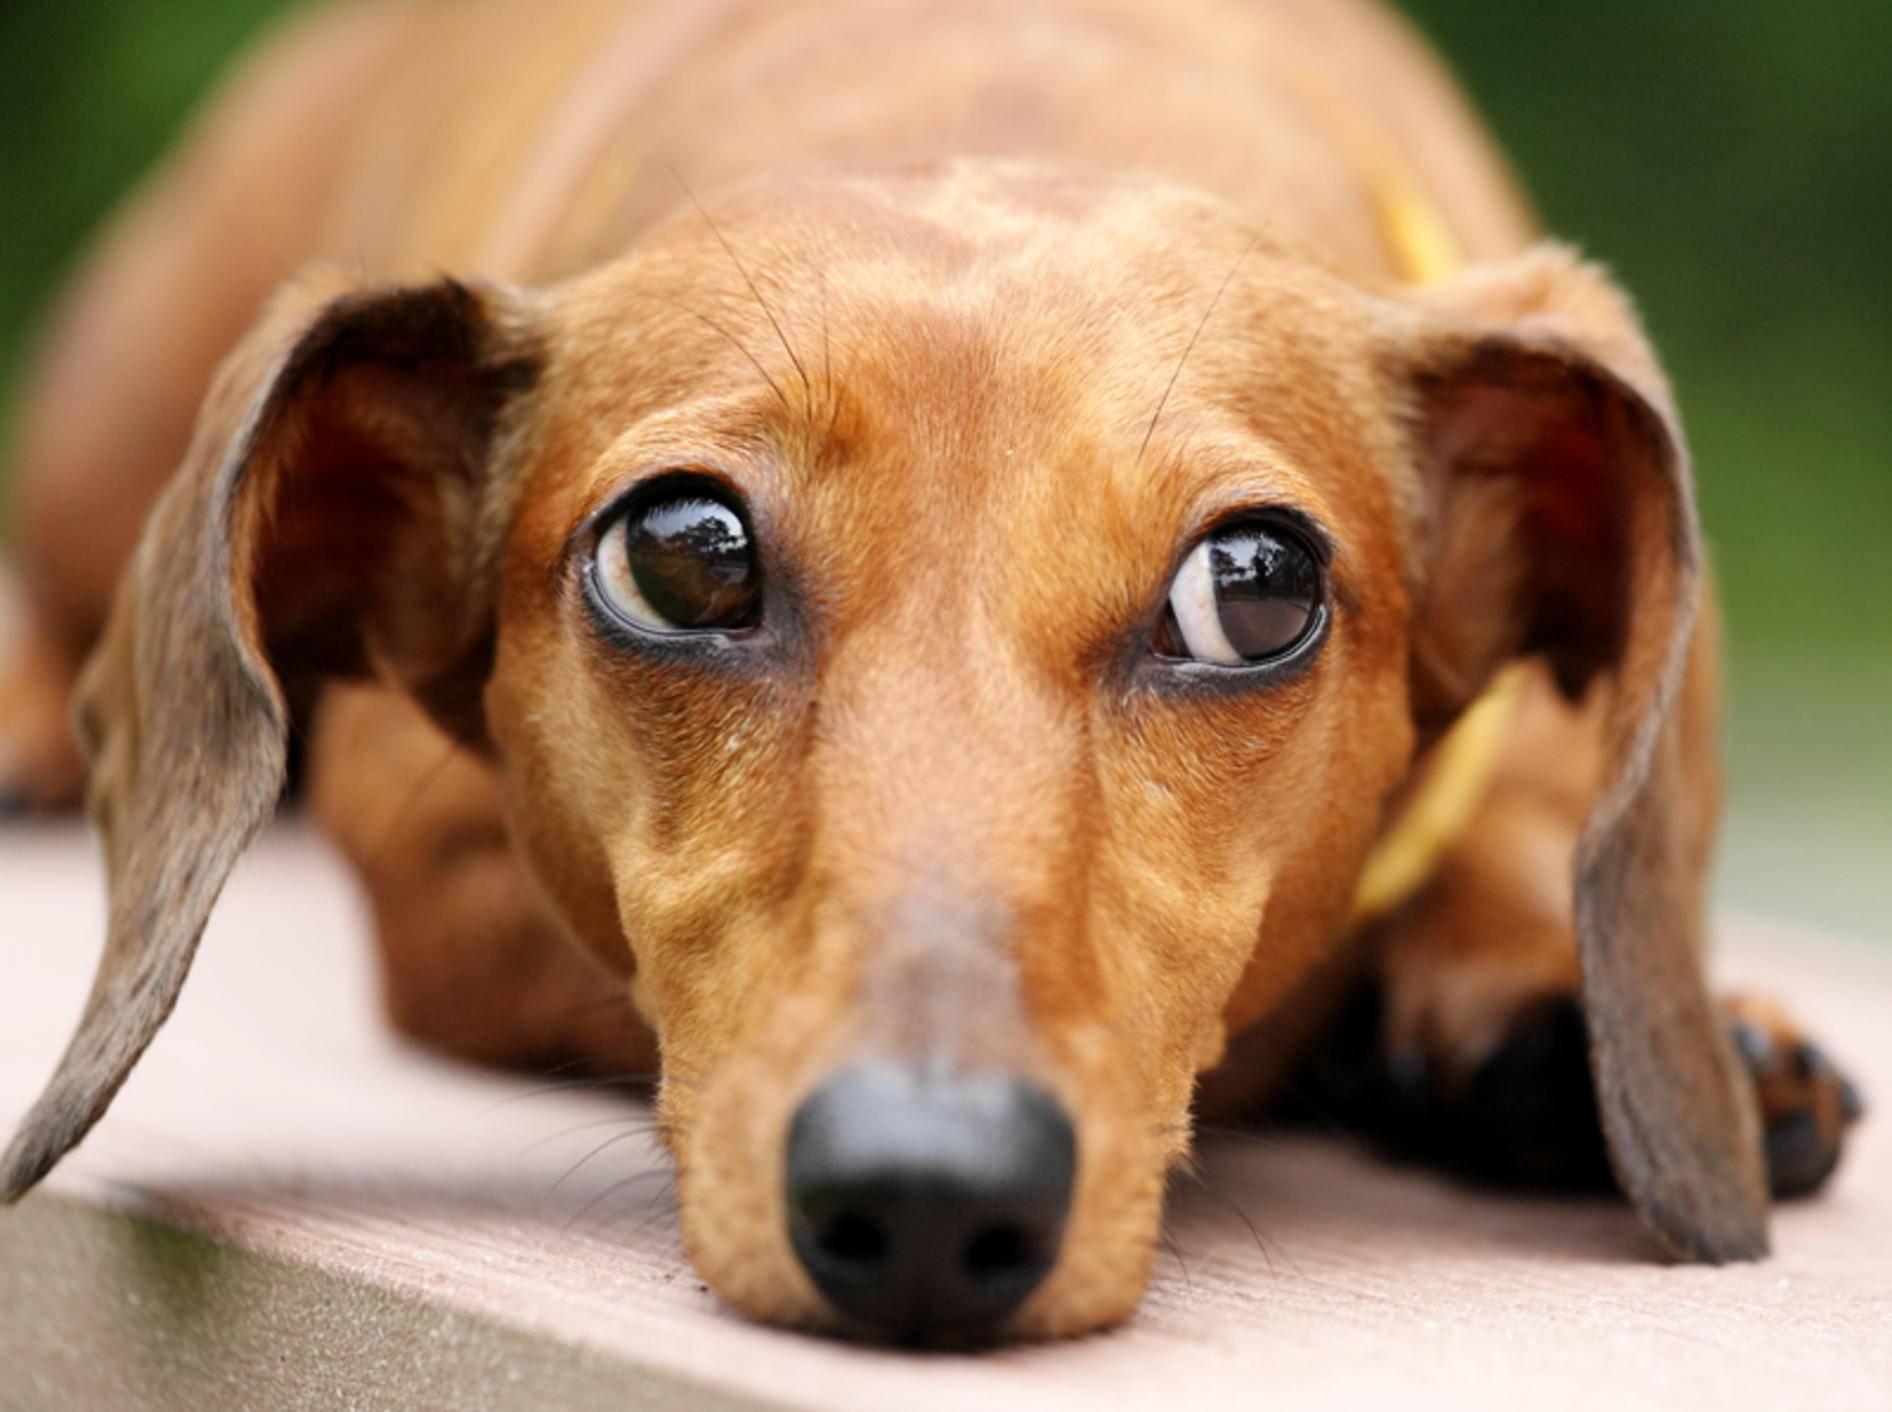 Dieser Hund beherrscht den Dackelblick perfekt – Shutterstock / leungchopan